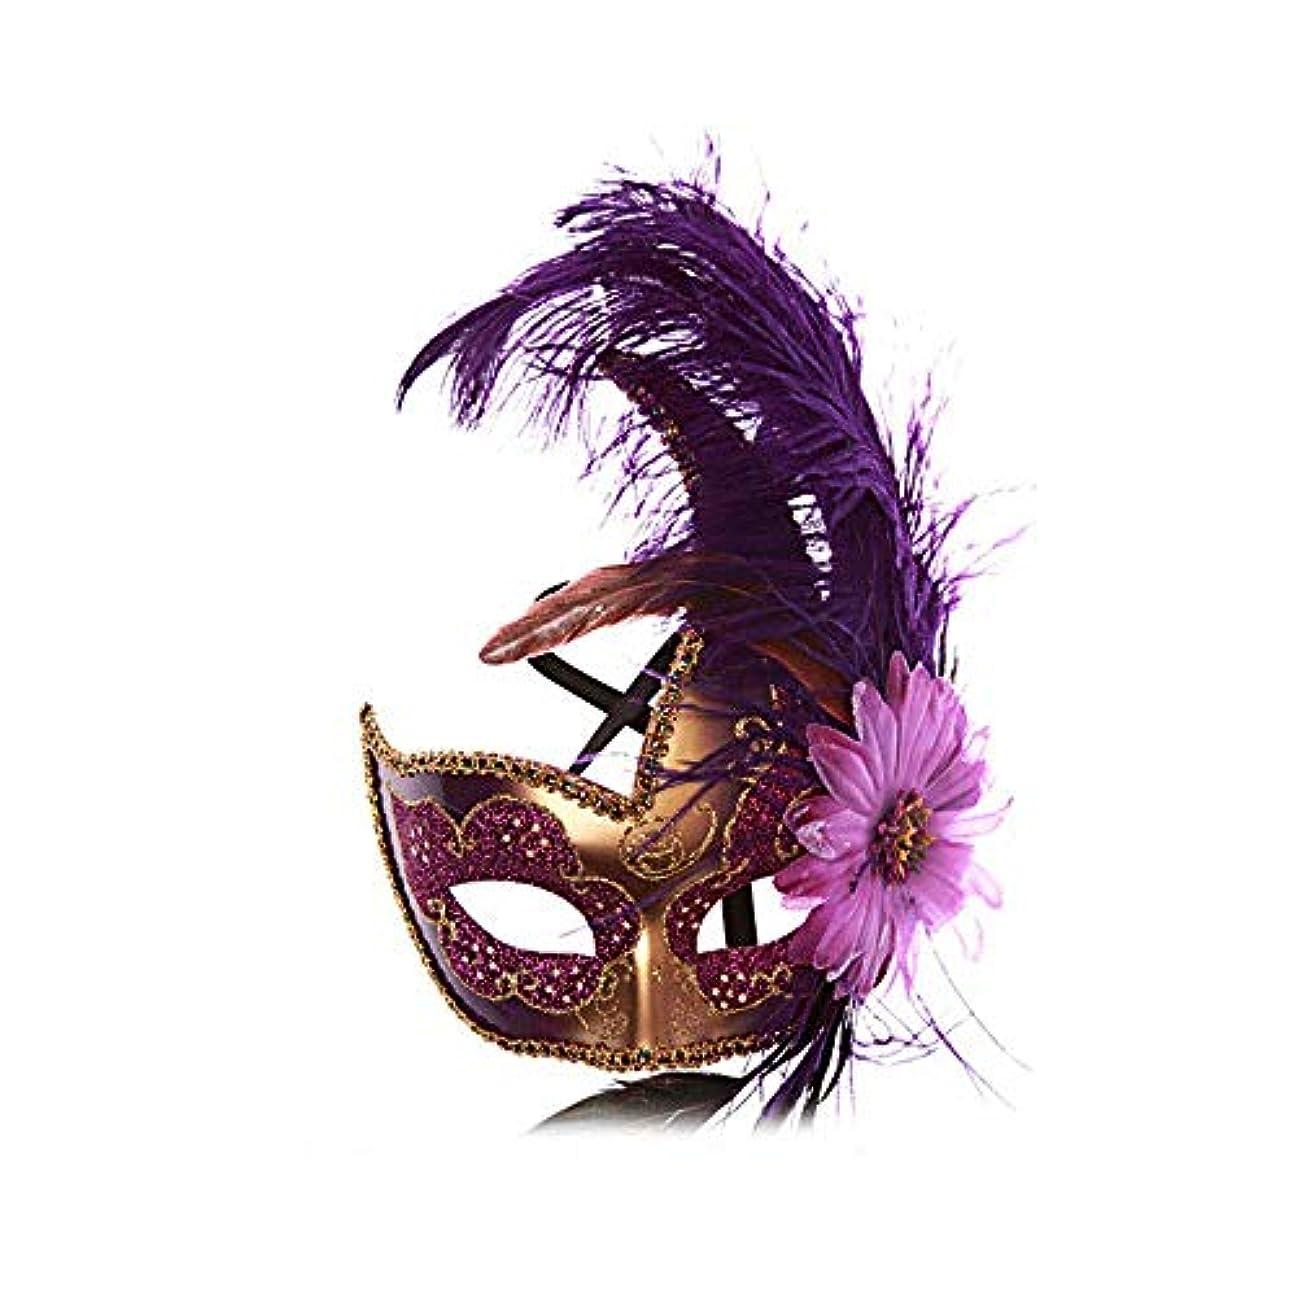 ラッカス補体テセウスNanle ハロウィンマスクハーフフェザーマスクベニスプリンセスマスク美容レース仮面ライダーコスプレ (色 : Style B purple)